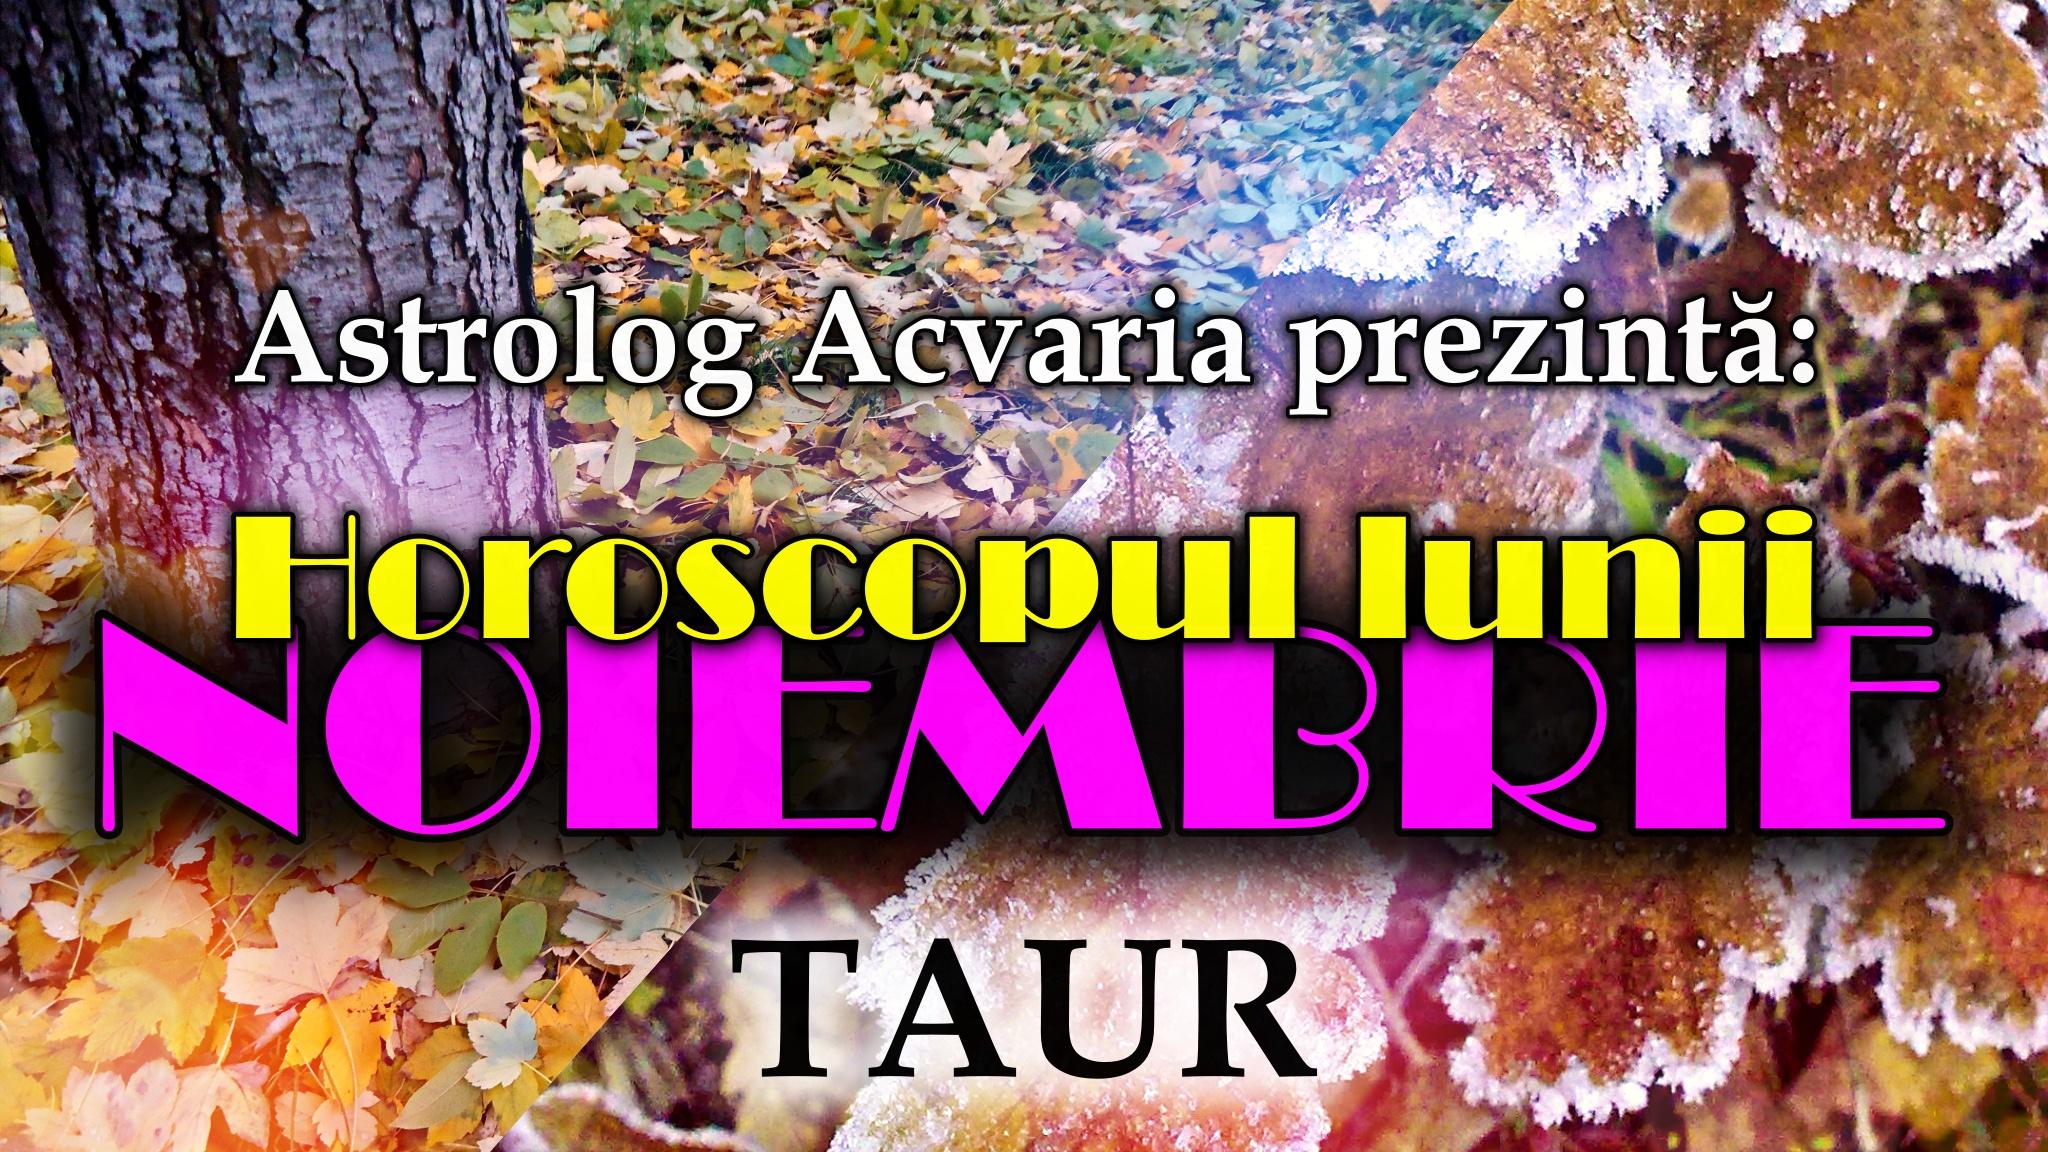 Horoscopul lunii NOIEMBRIE * Zodia TAURULUI